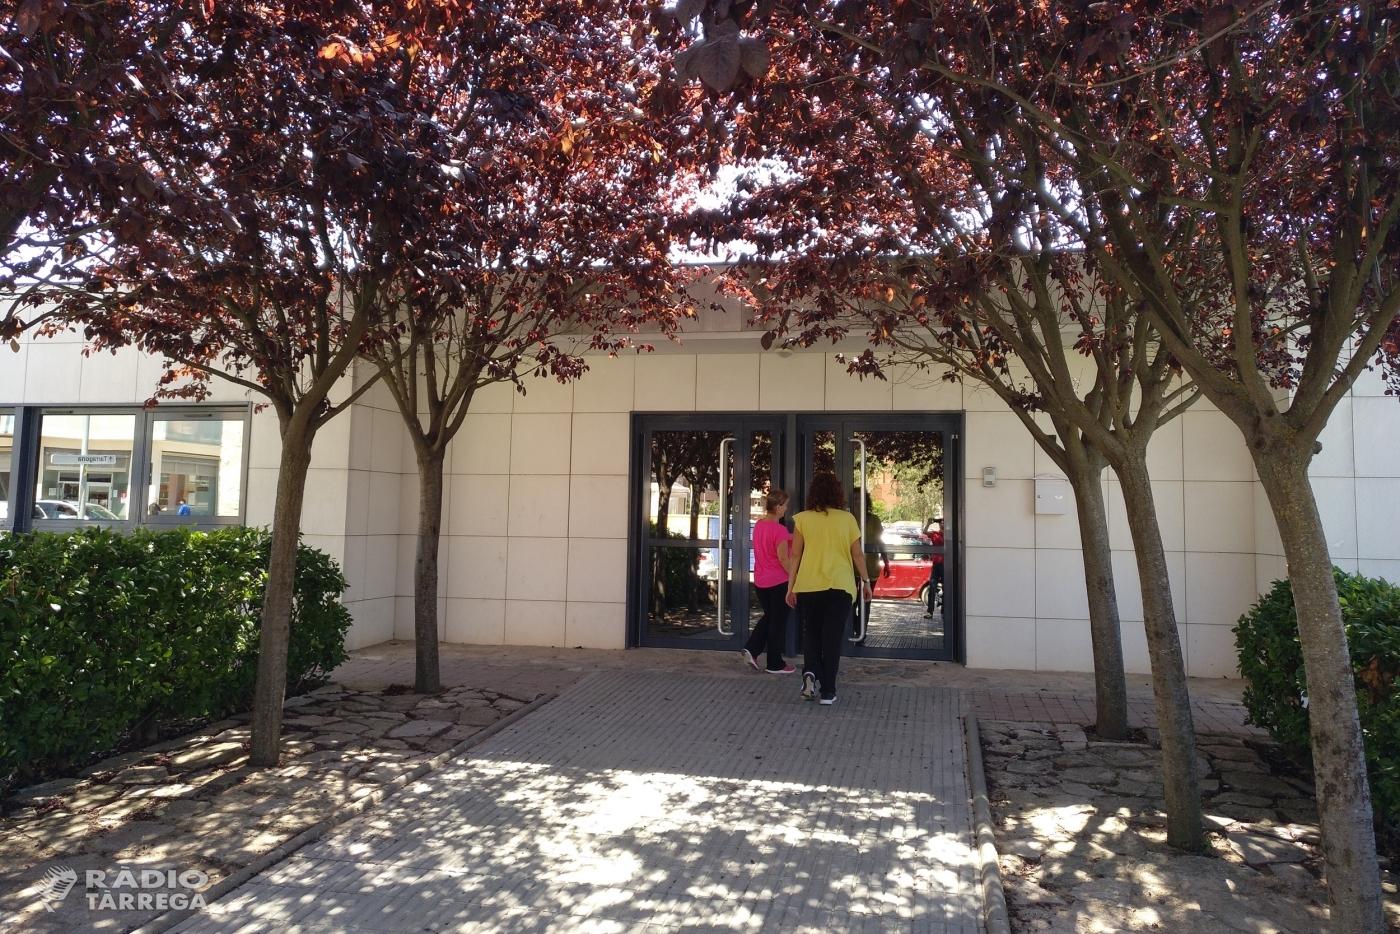 Les dues llars d'infants municipals de Tàrrega, La Pau i El Niu, inicien el nou curs amb 108 alumnes